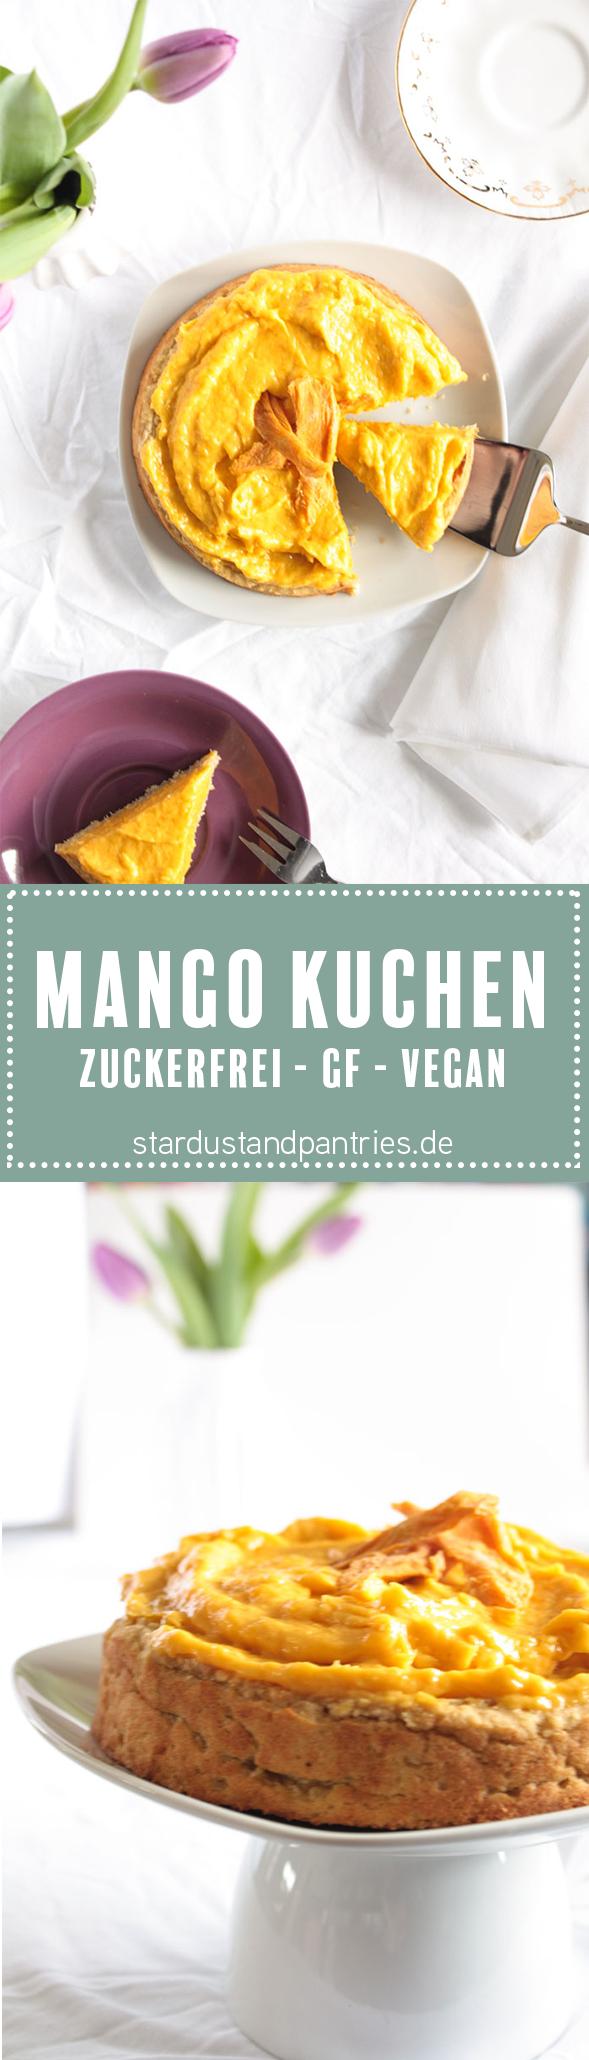 Zuckerfrei Backen: Kokos-Mango-Kuchen